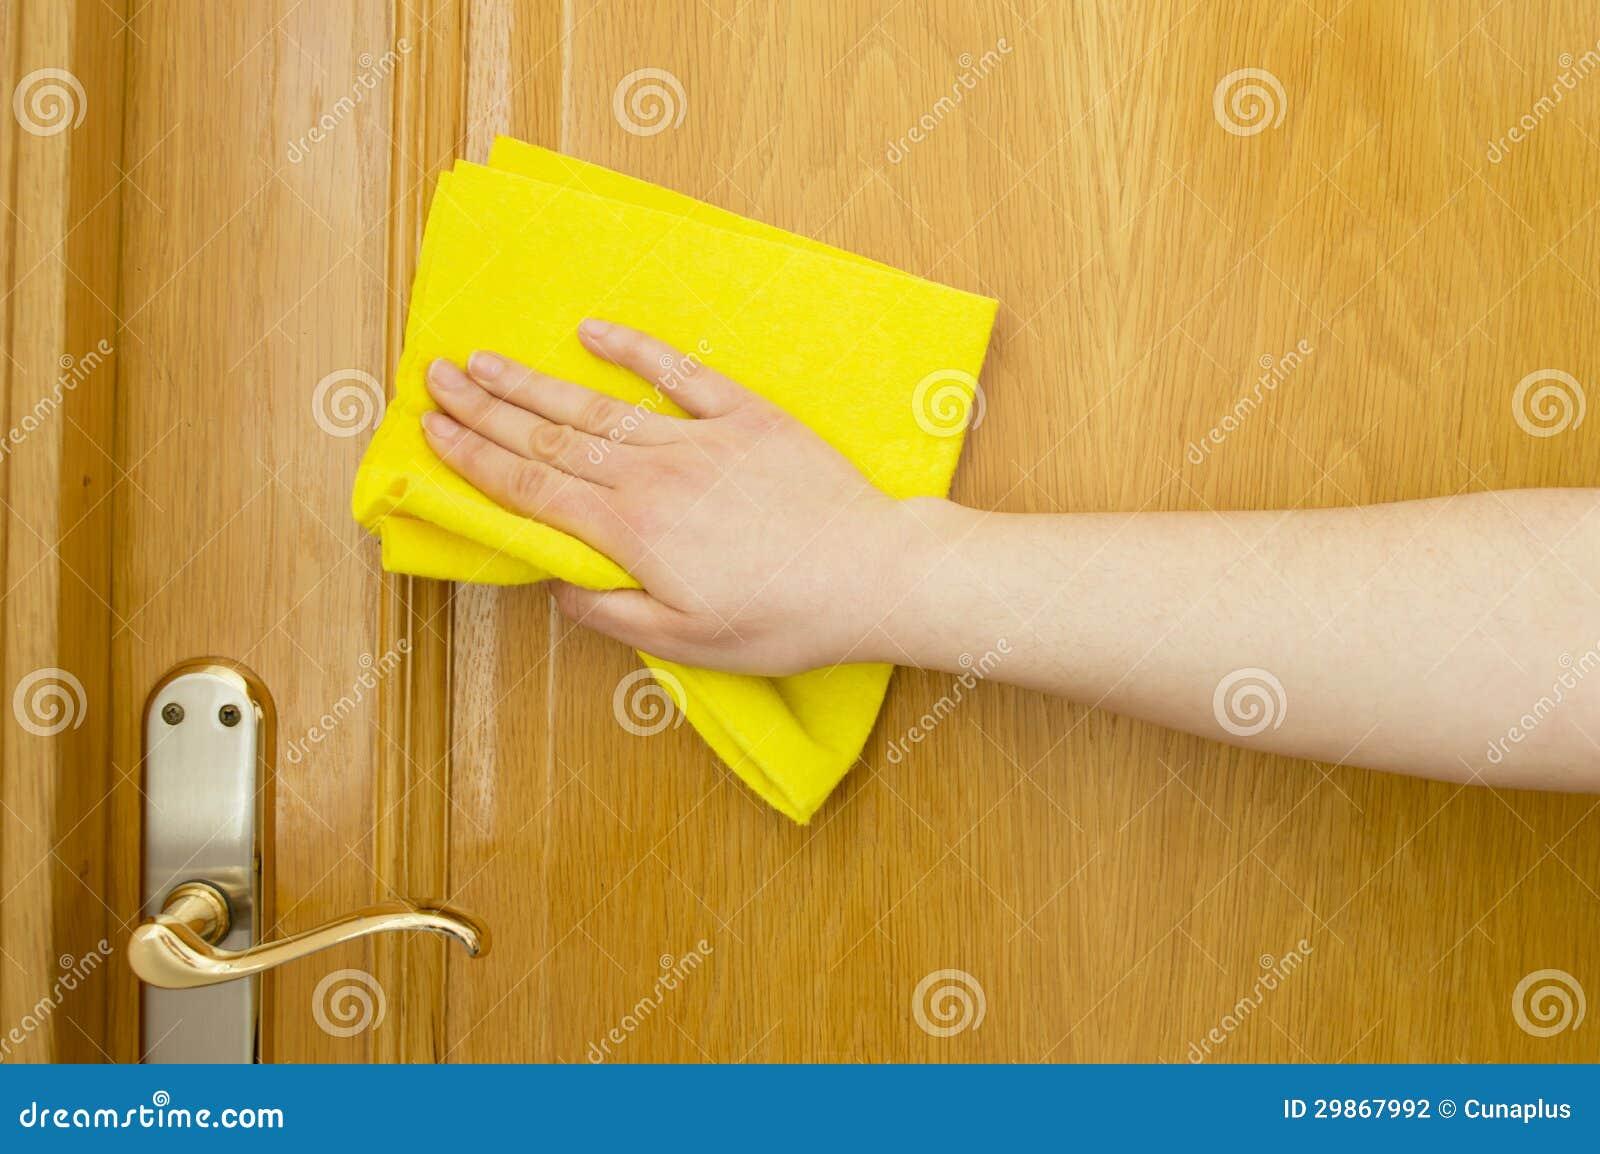 Het schoonmaken van houten deur met een gele doek stock fotografie afbeelding 29867992 - Hang een doek ...